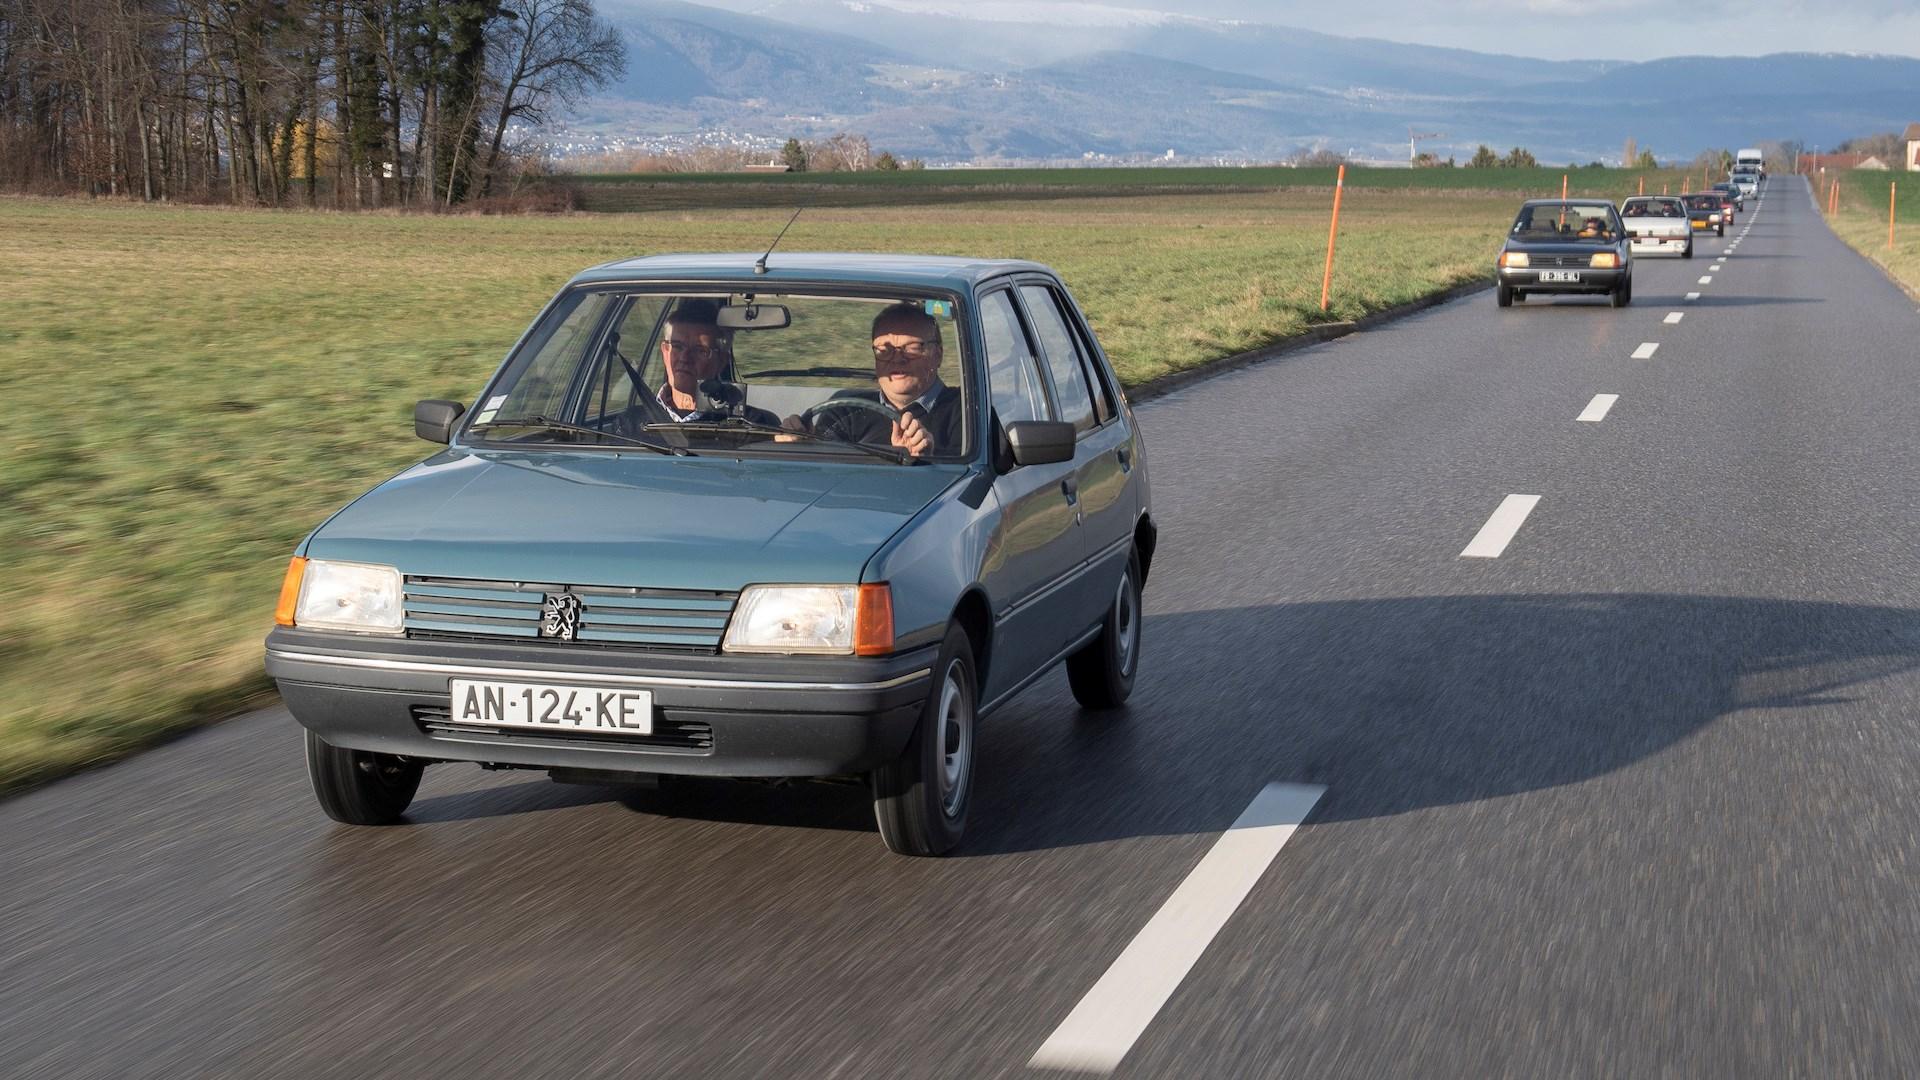 The Peugeot 205 GL